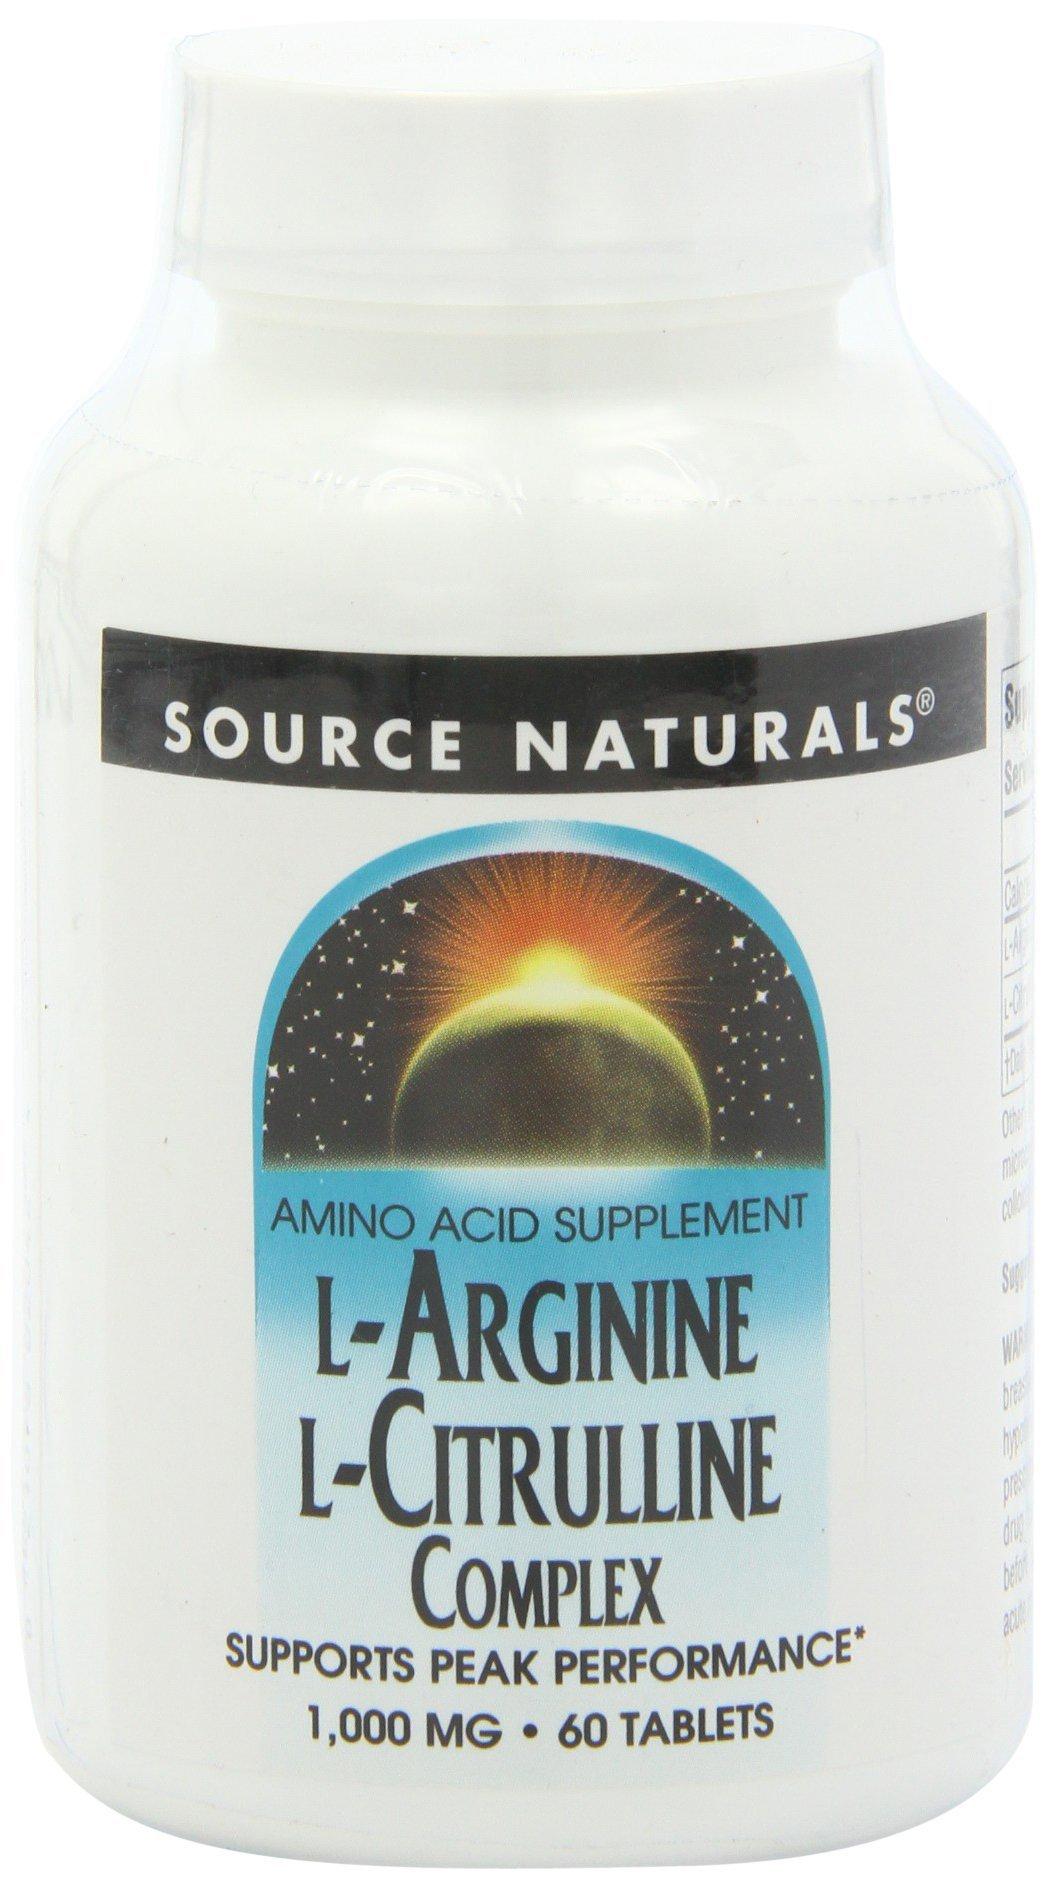 Source Naturals L-Arginine L-Citrulline Amino Acid Complex, Muscle Metabolism - 60 Tablets